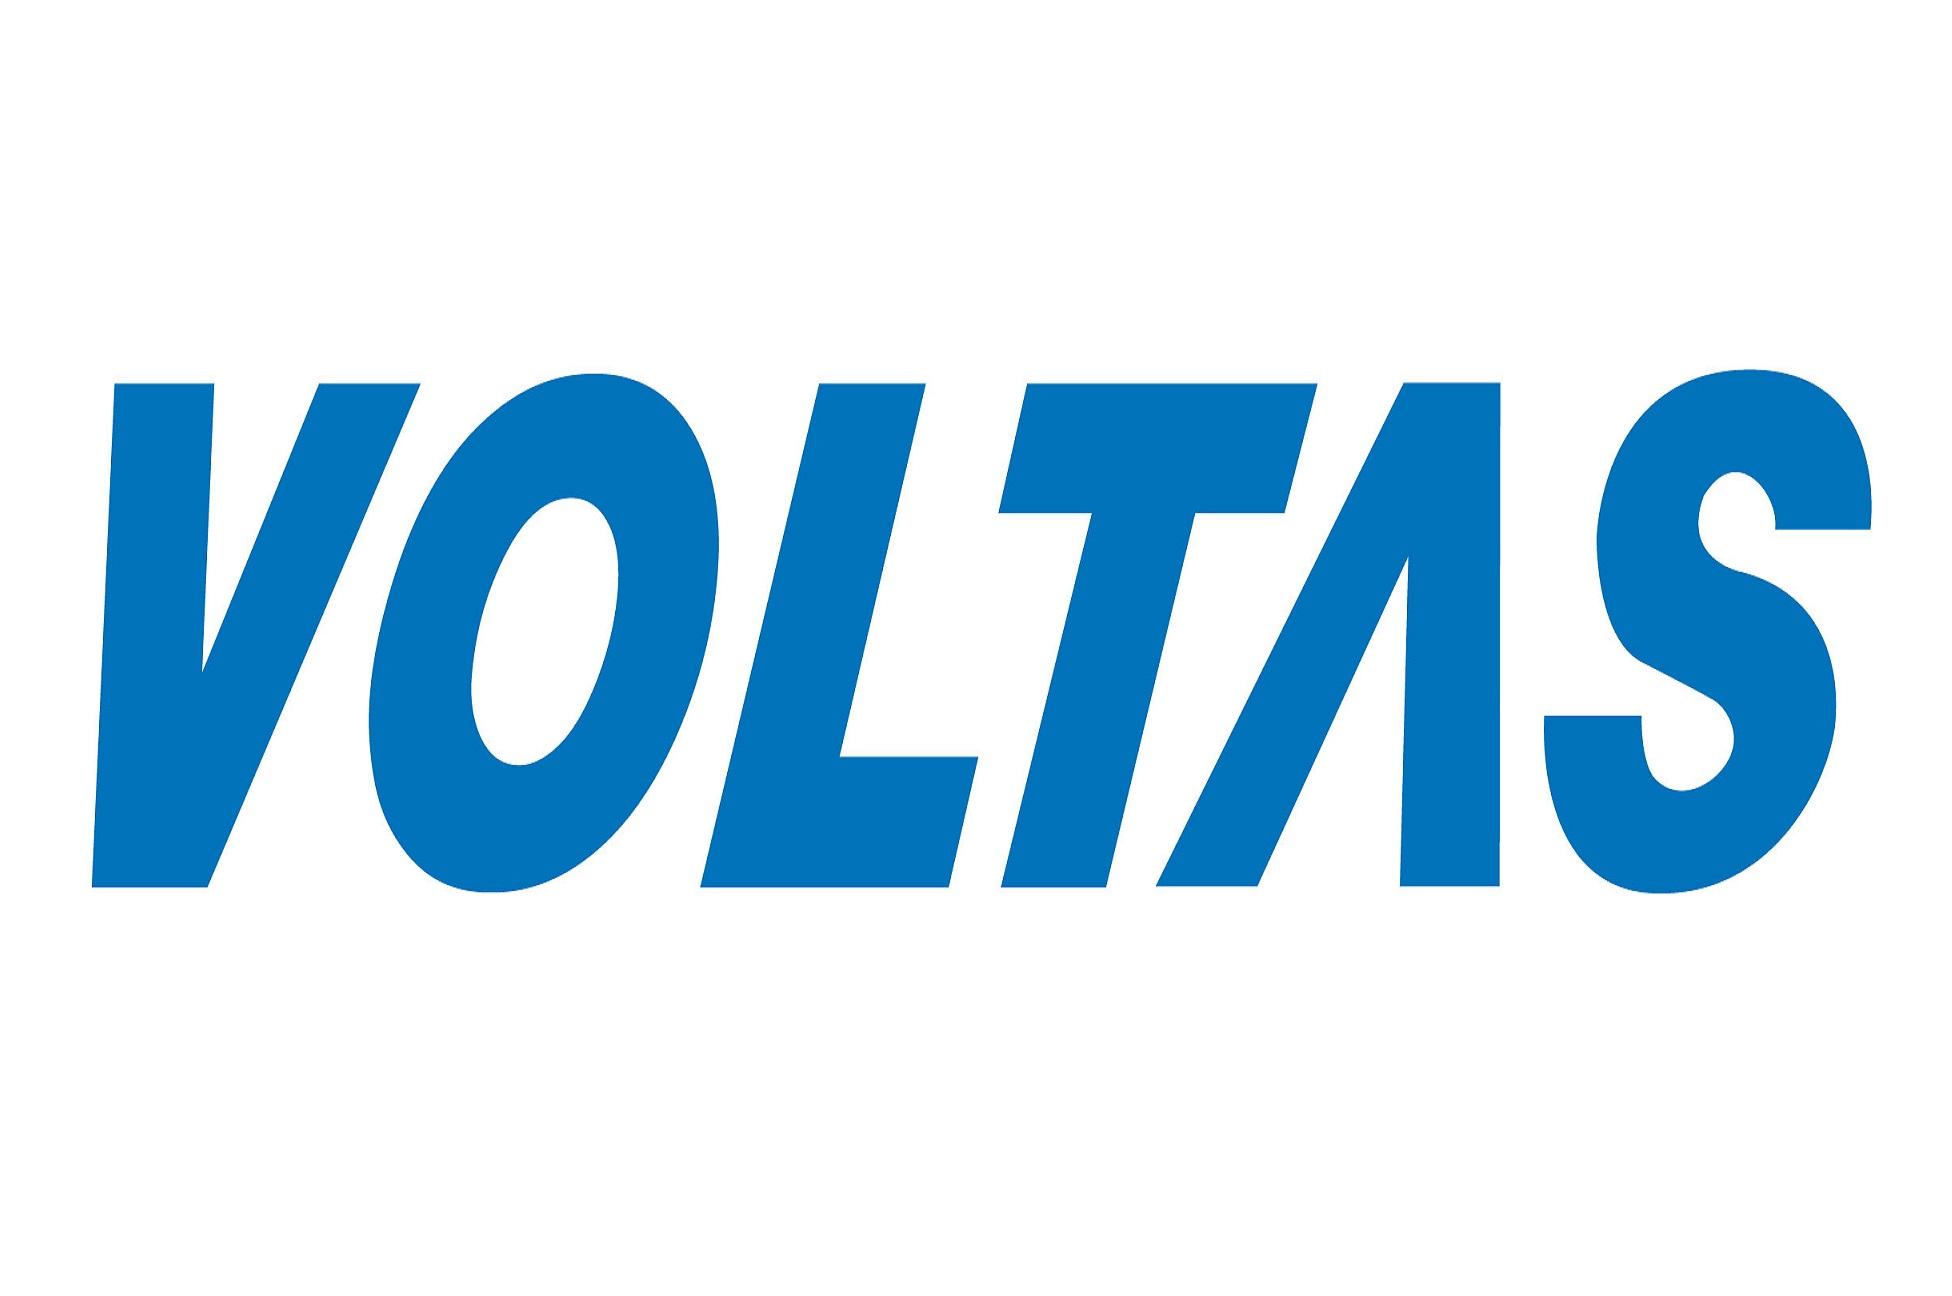 Voltas Vertis Premium 1.5 Ton Split AC Image